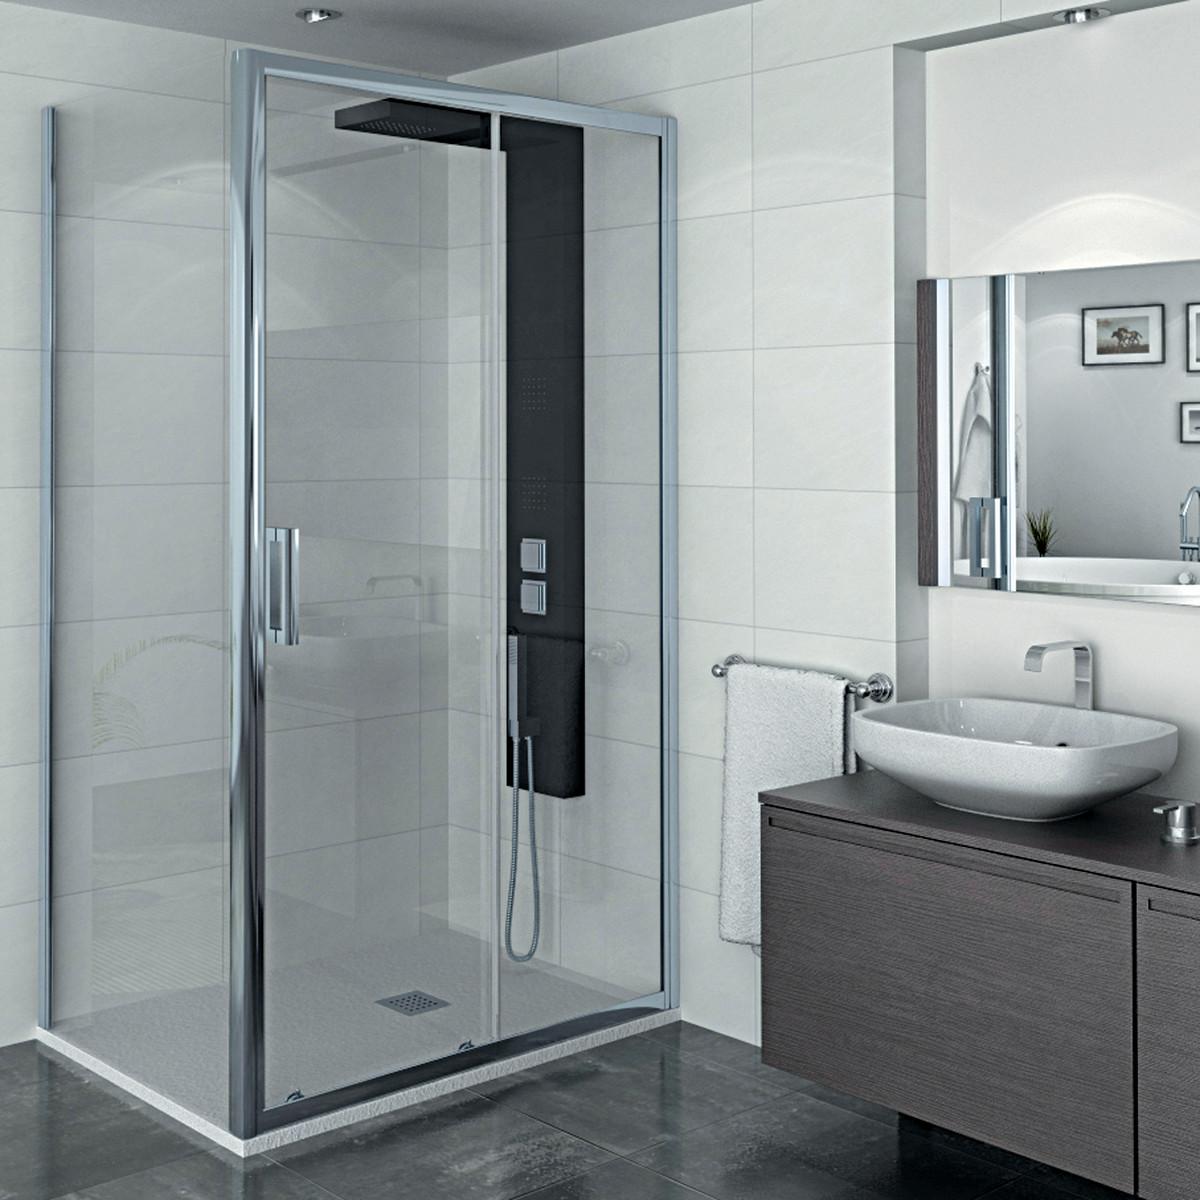 Dove mettere porta asciugamano in bagno for Parete vasca pieghevole leroy merlin